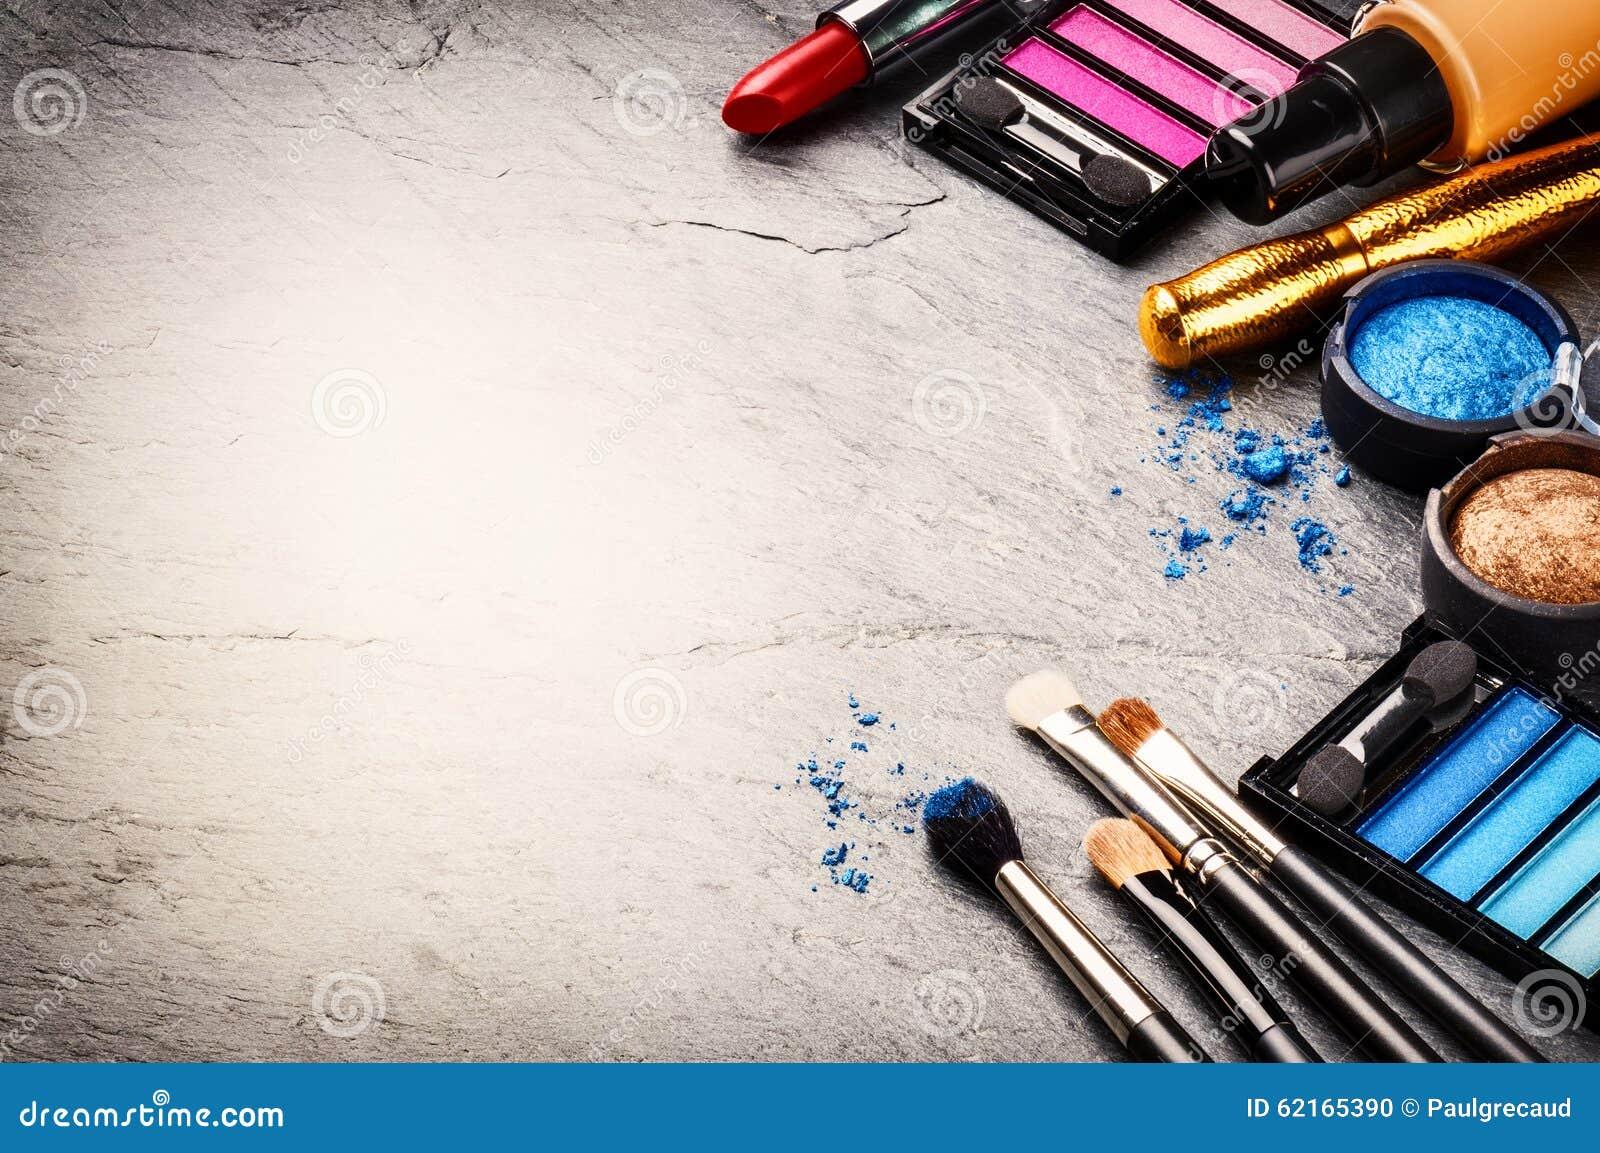 Verschiedene kosmetische Produkte auf dunklem Hintergrund